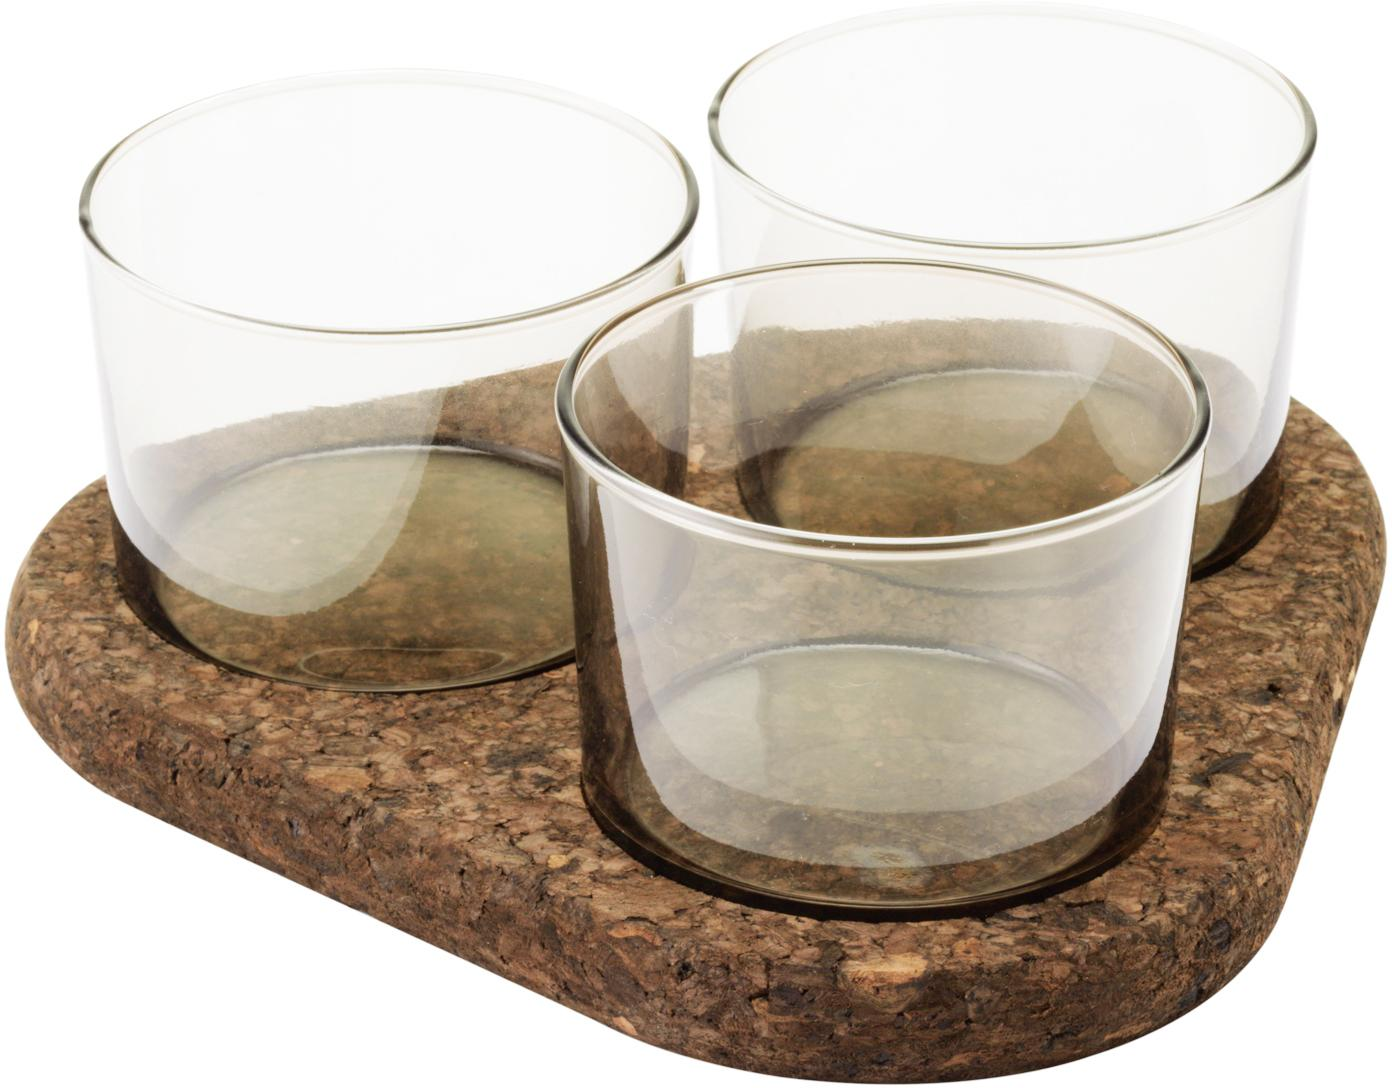 Komplet miseczek do serwowania Raw, 4 elem., Szkło, korek, Transparentny, brązowy, Komplet z różnymi rozmiarami